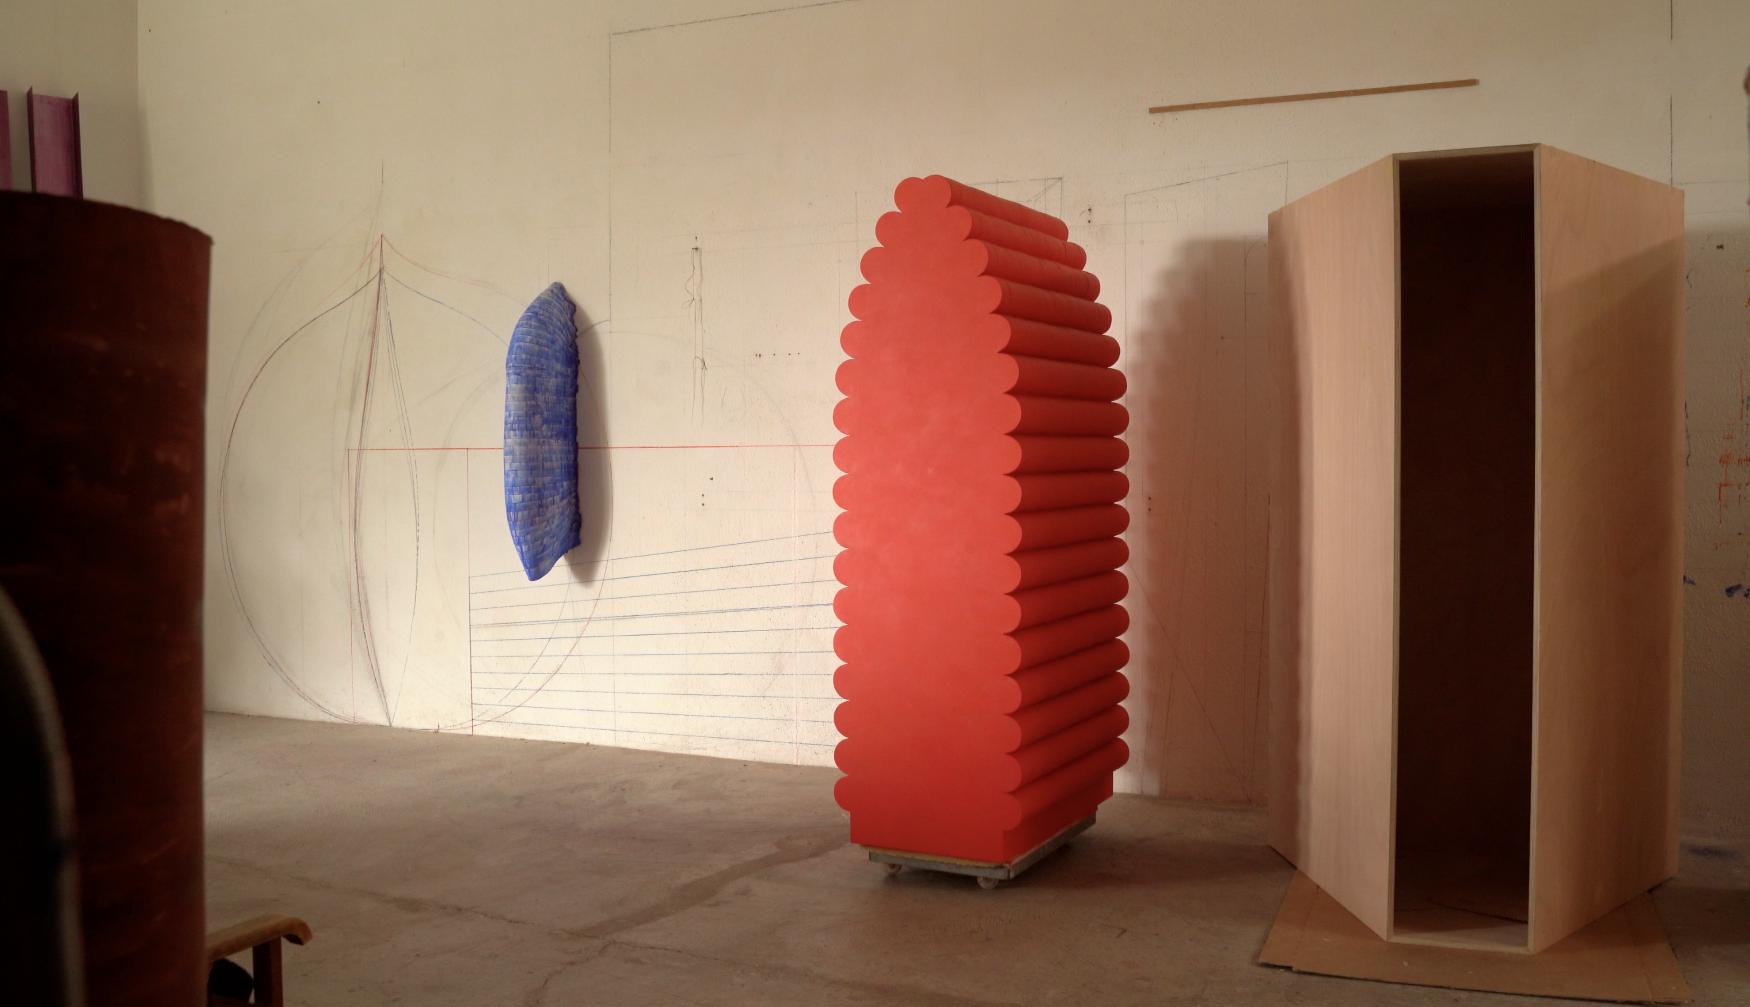 José Herrera exhibe 'Días deshojados' en la Sala de Arte del Cabrera Pinto